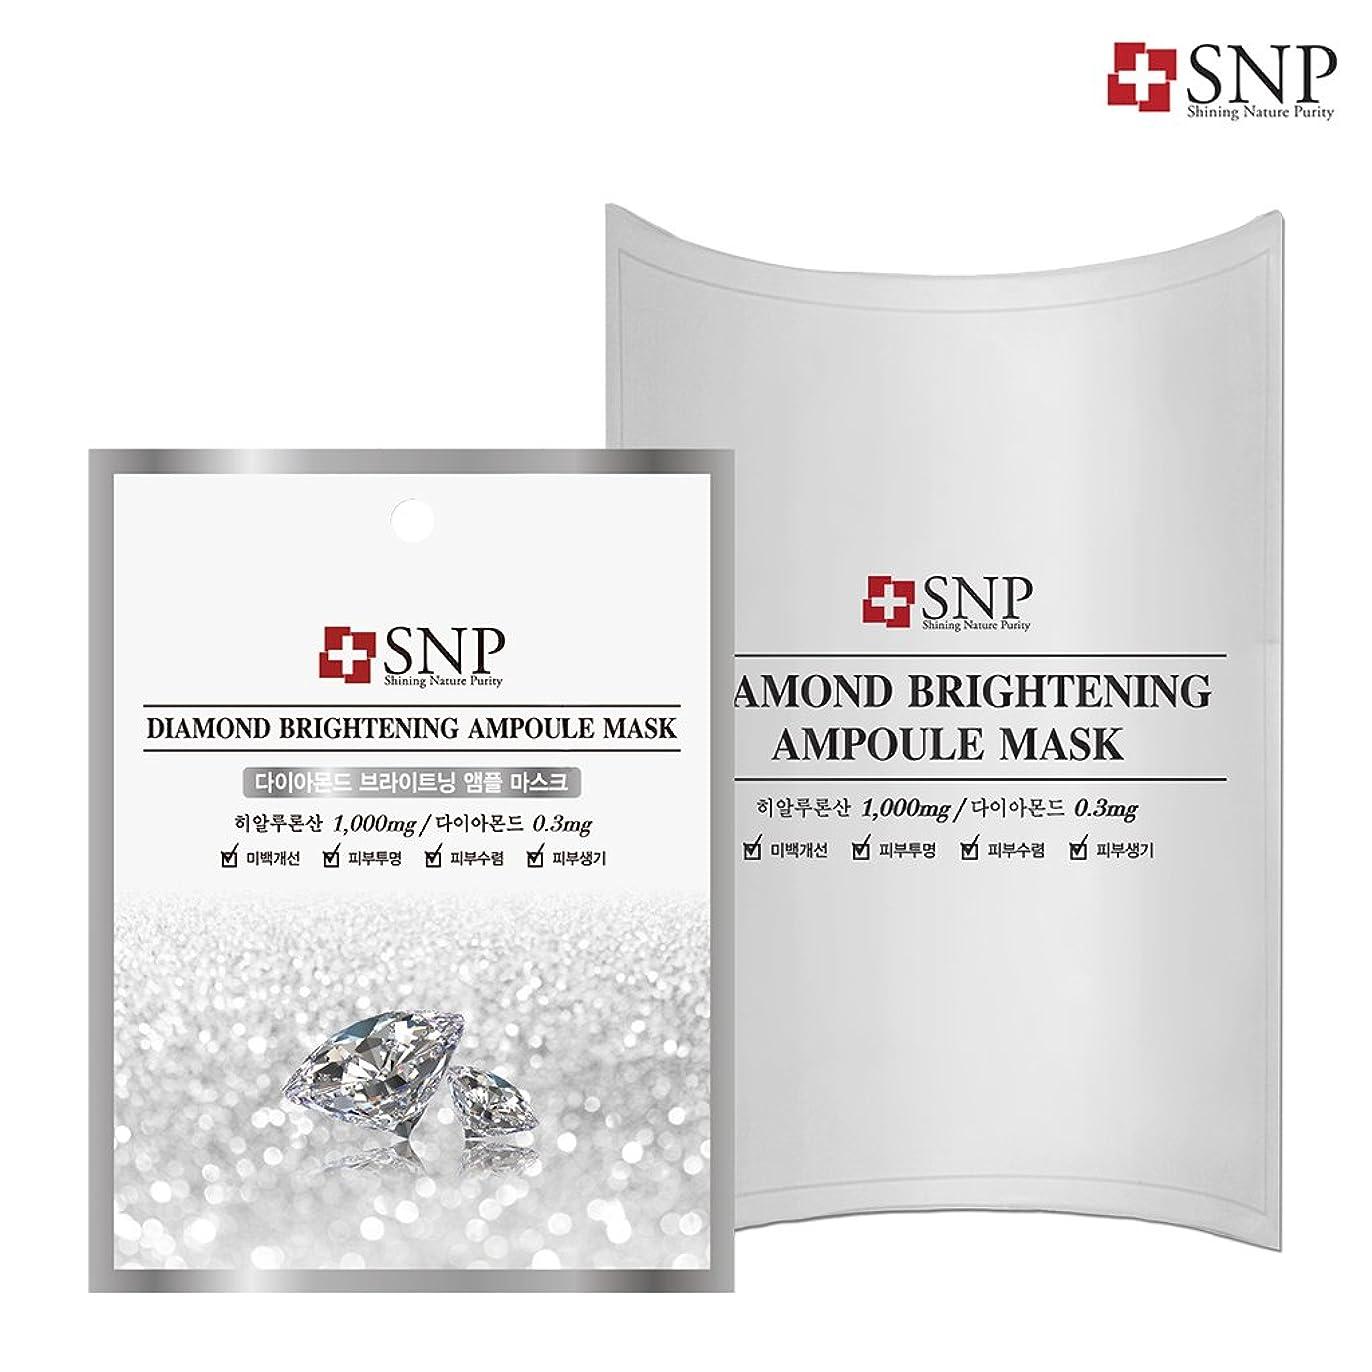 旋回アプローチヒントSNP ダイアモンド ブライトニング アンプル マスク (10枚) 10枚/DIAMOND BRIGHTENING AMPOULE MASK 10EA[海外直送品]